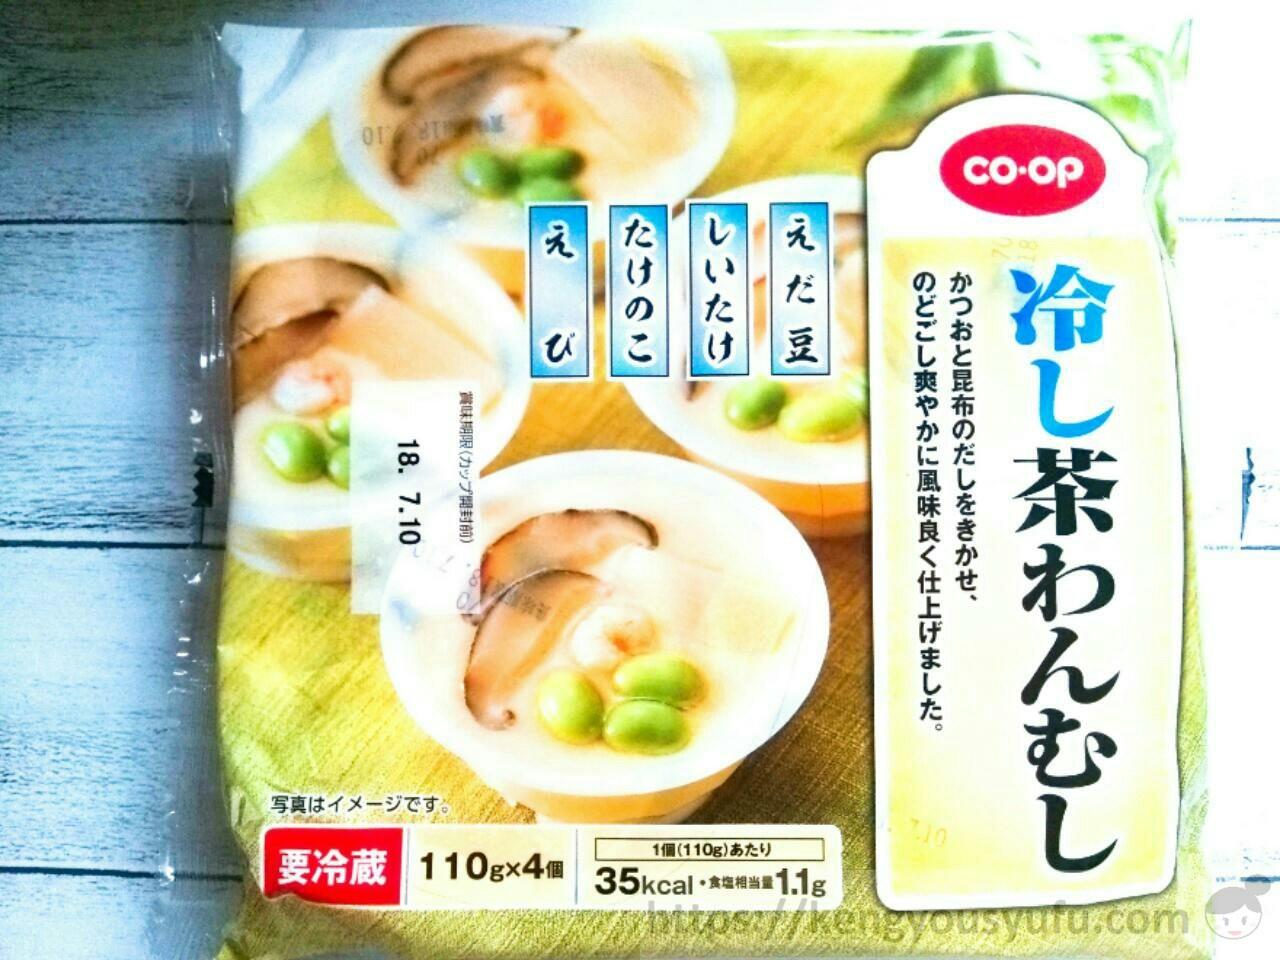 コープ「冷やし茶わんむし」夏でもサッパリ食べられる!